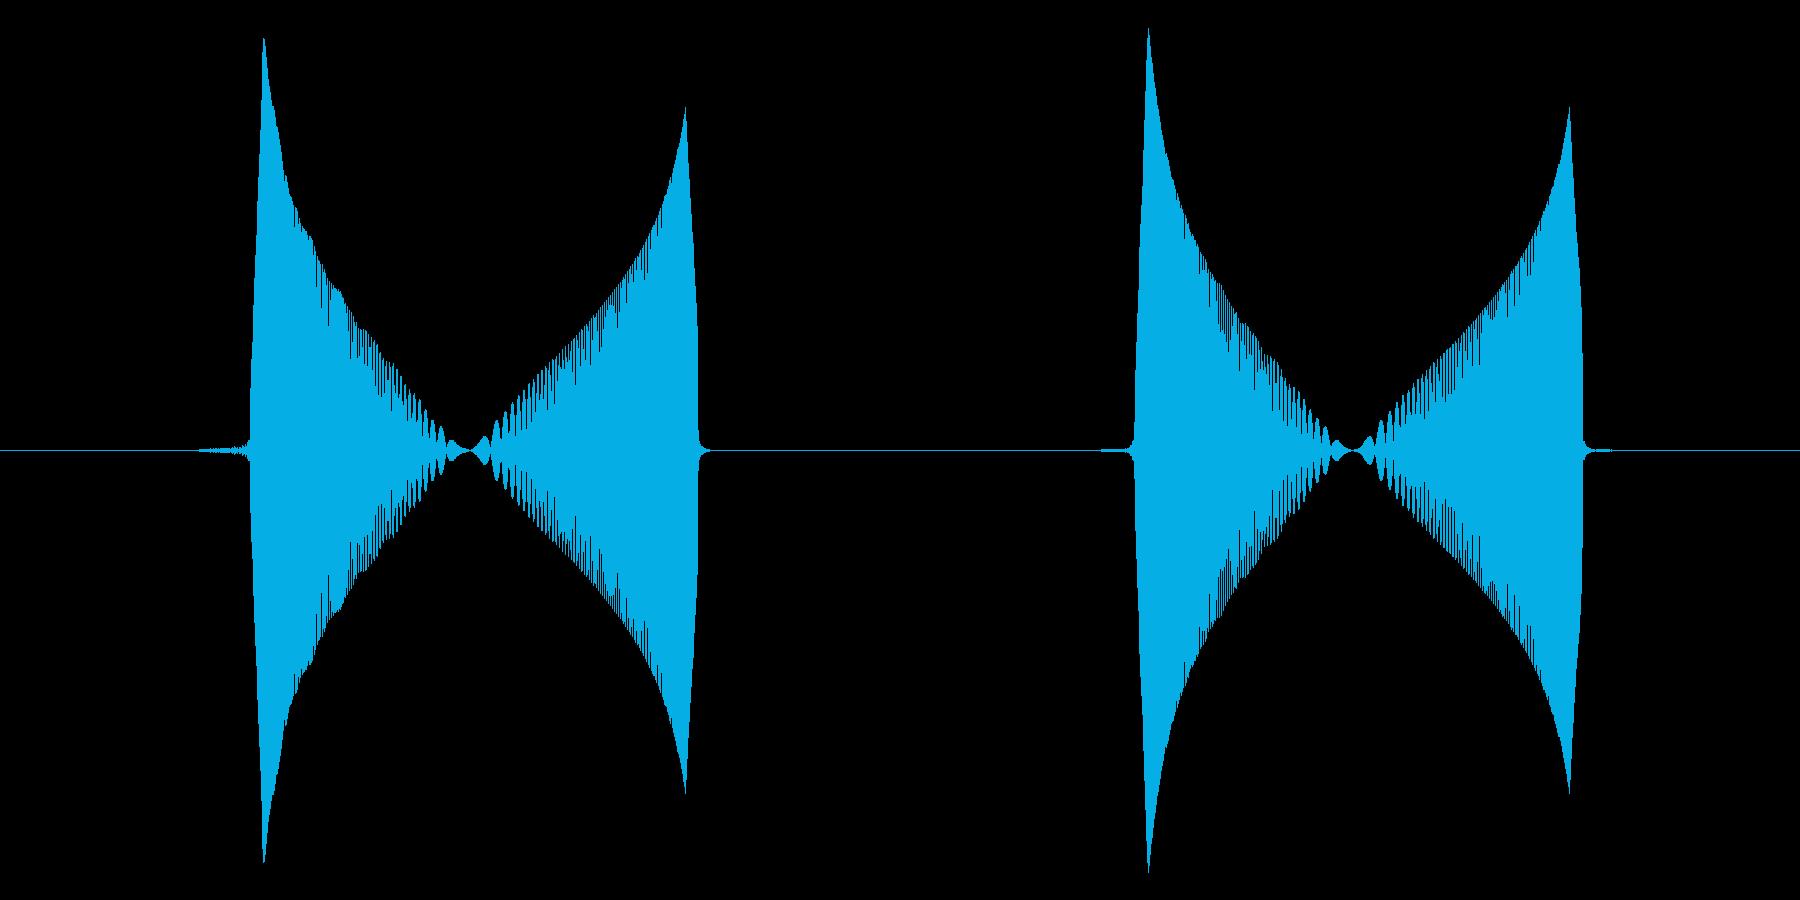 つんつん・ぱちくり(動作音2回)の再生済みの波形